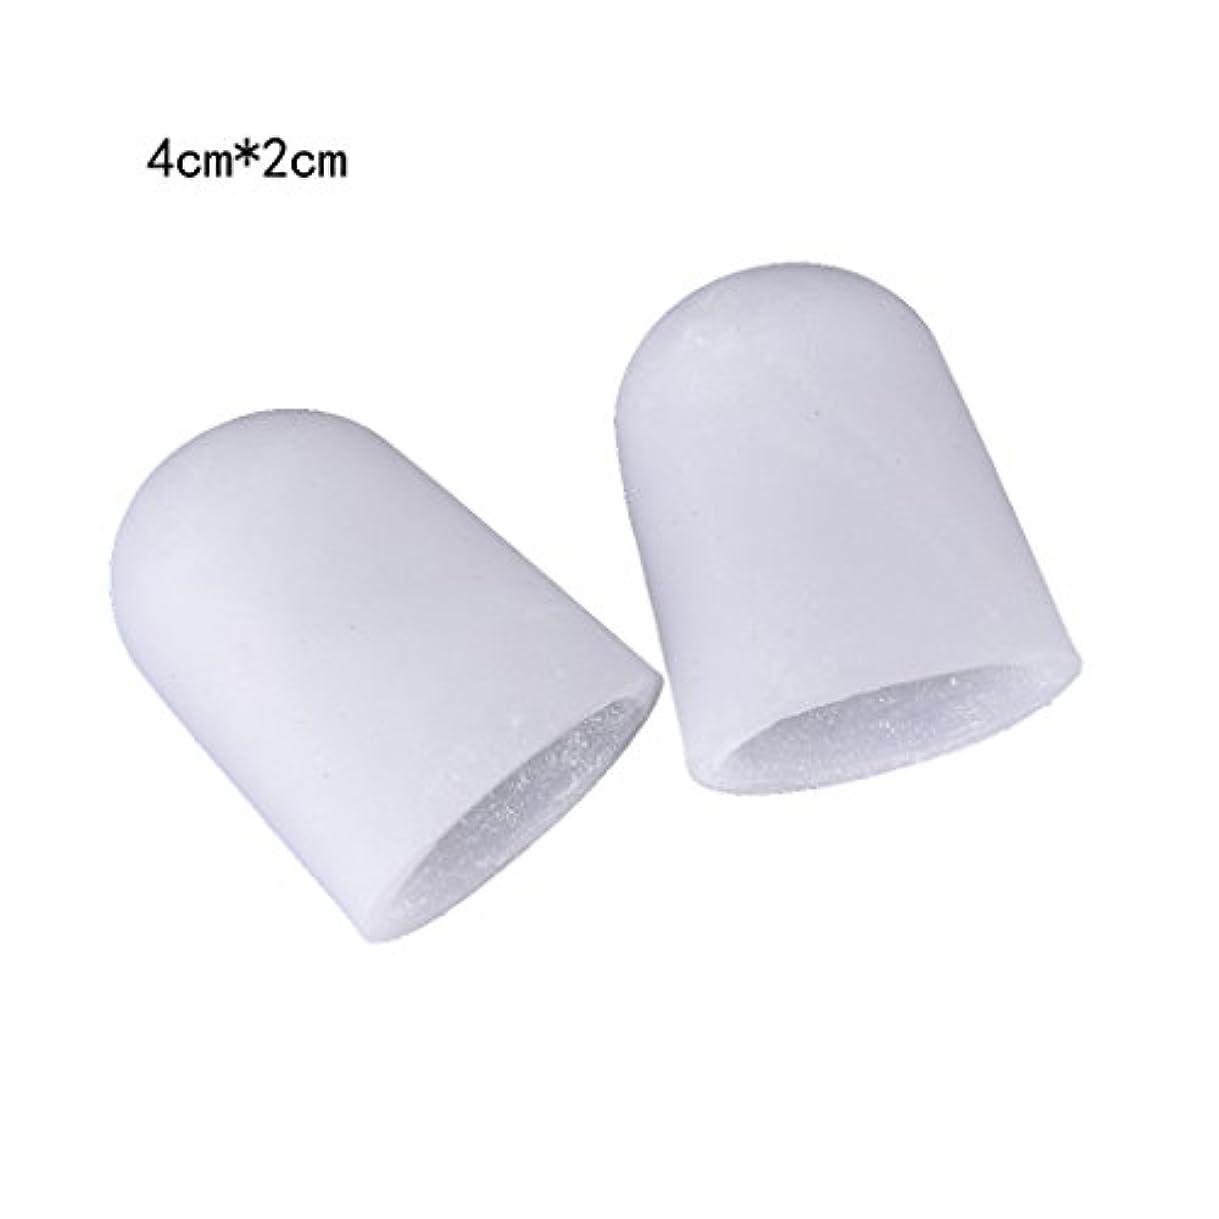 ライム明るいロケーションYOKEL 足指保護キャップ つま先プロテクター 足先のつめ保護キャップ シリコン (L)